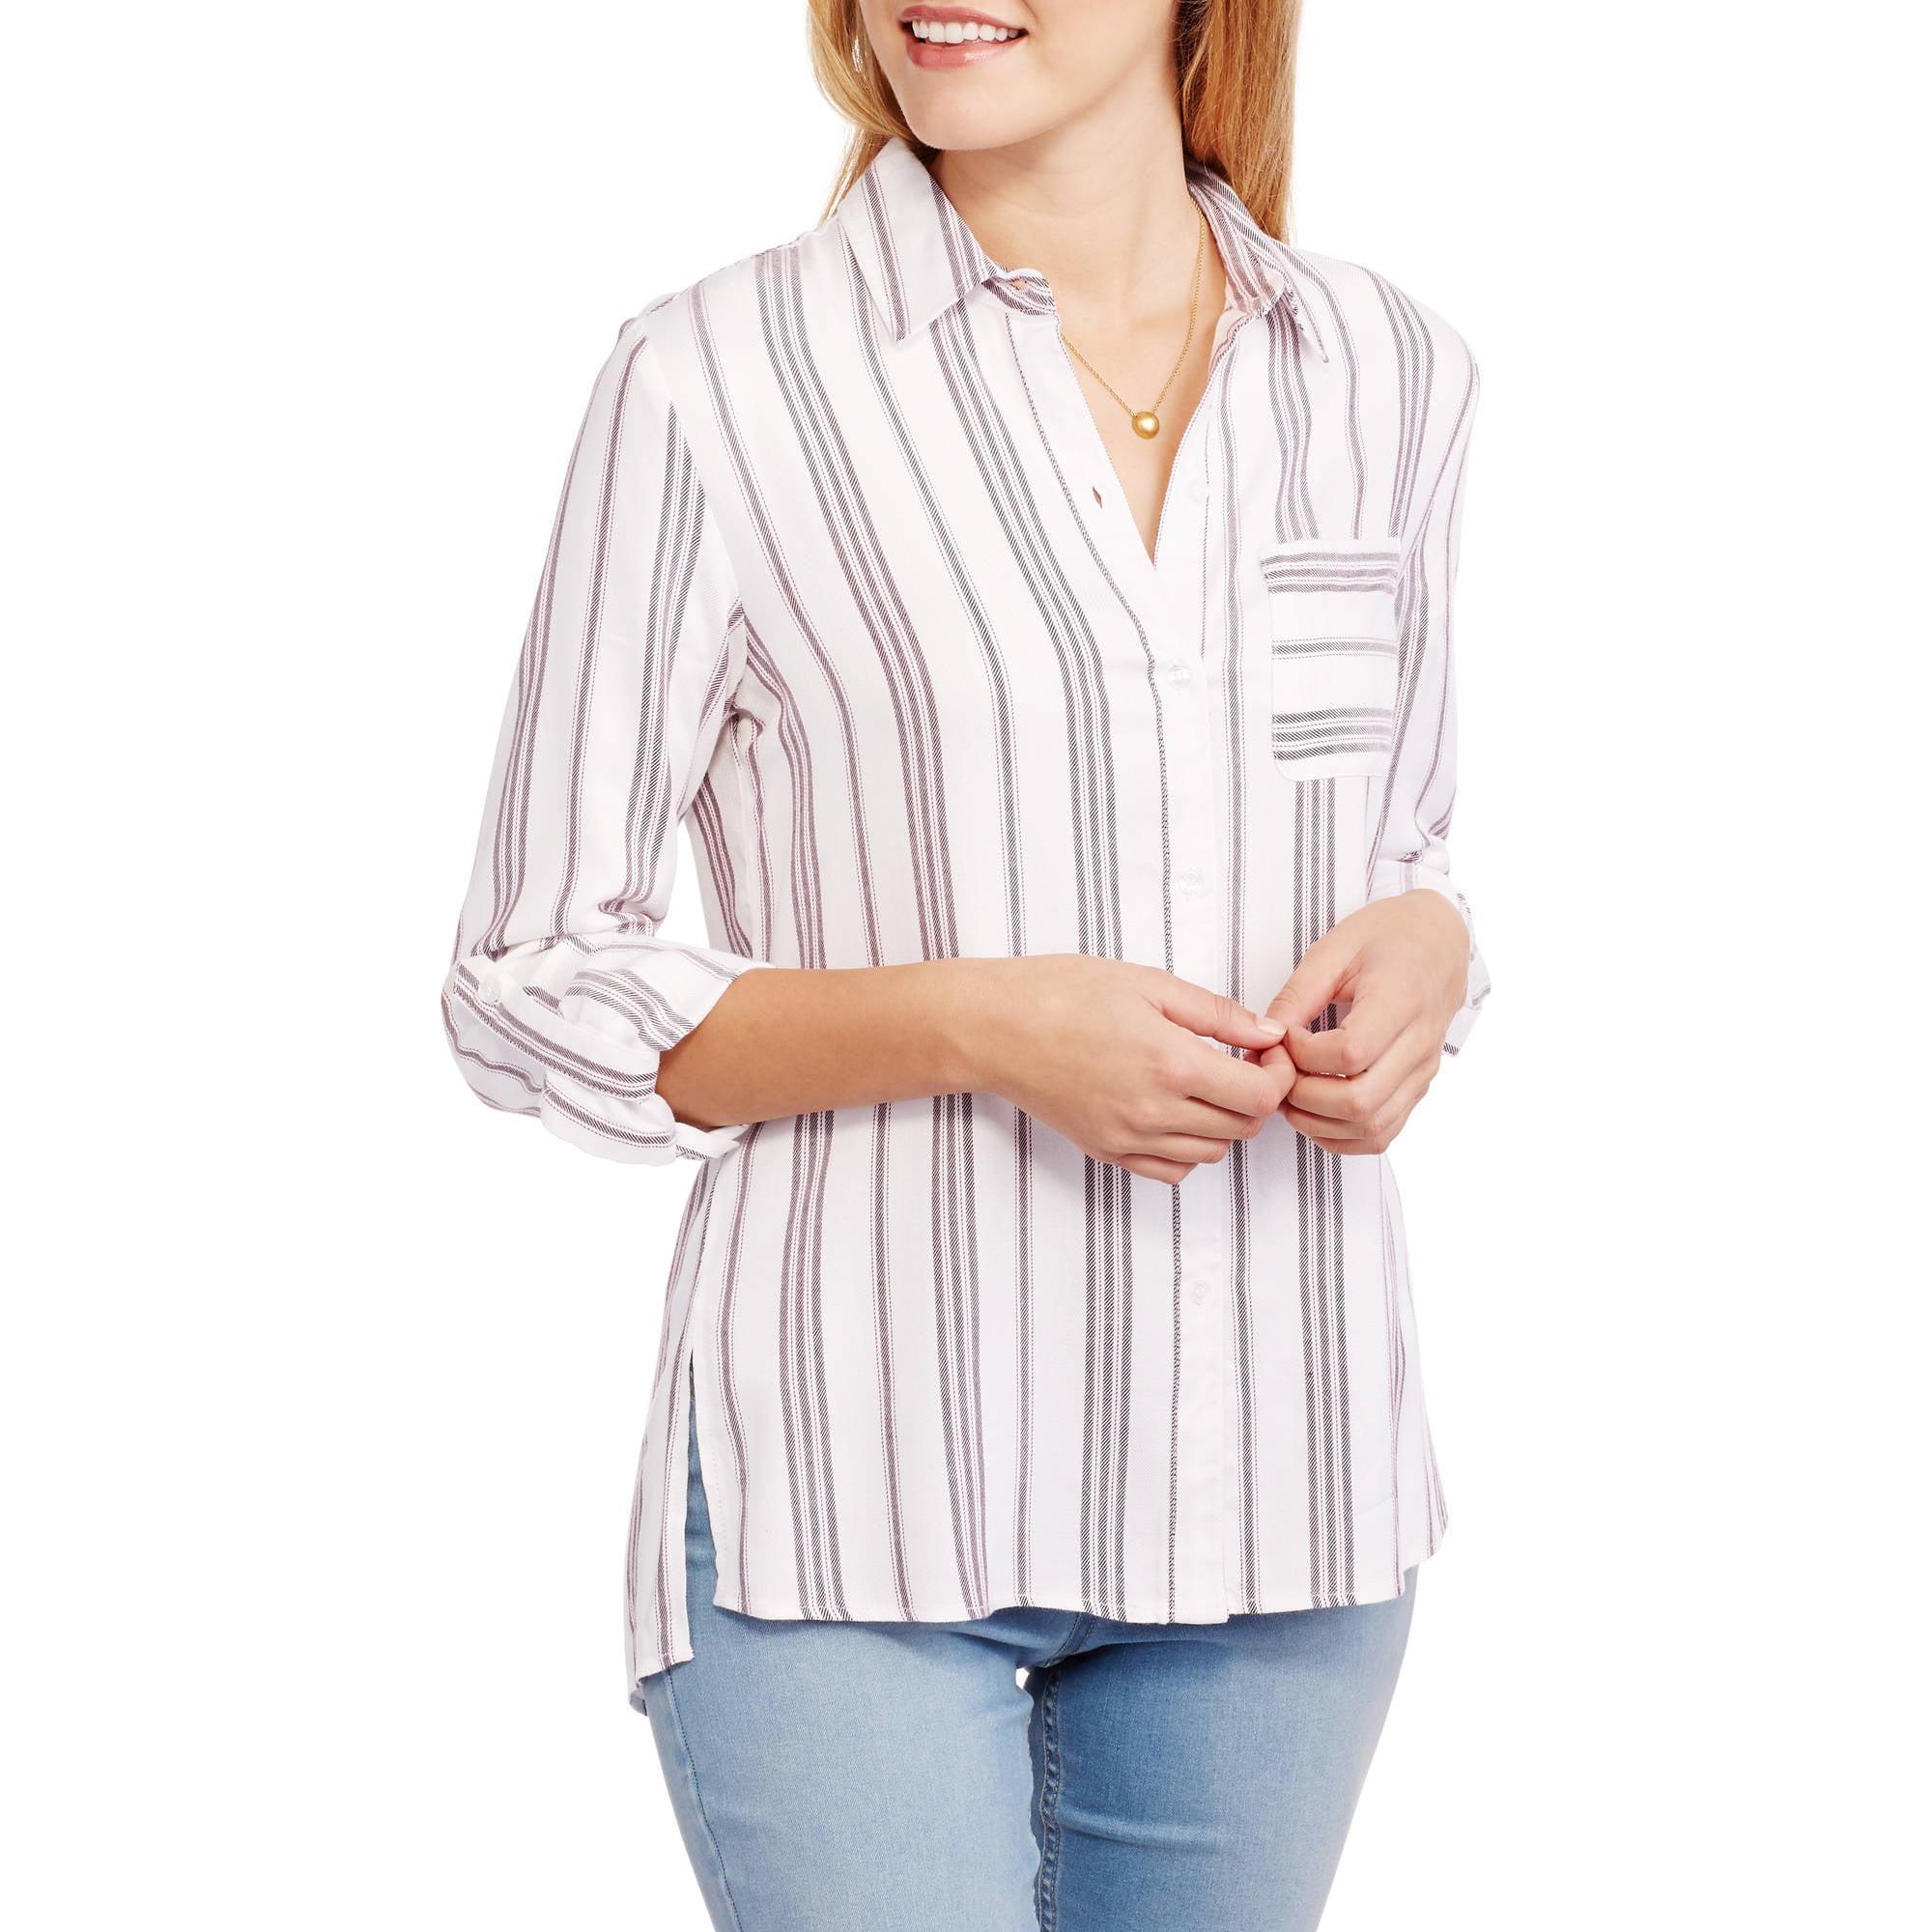 Heart N Crush Women's Side Splits Striped Woven Tunic Top